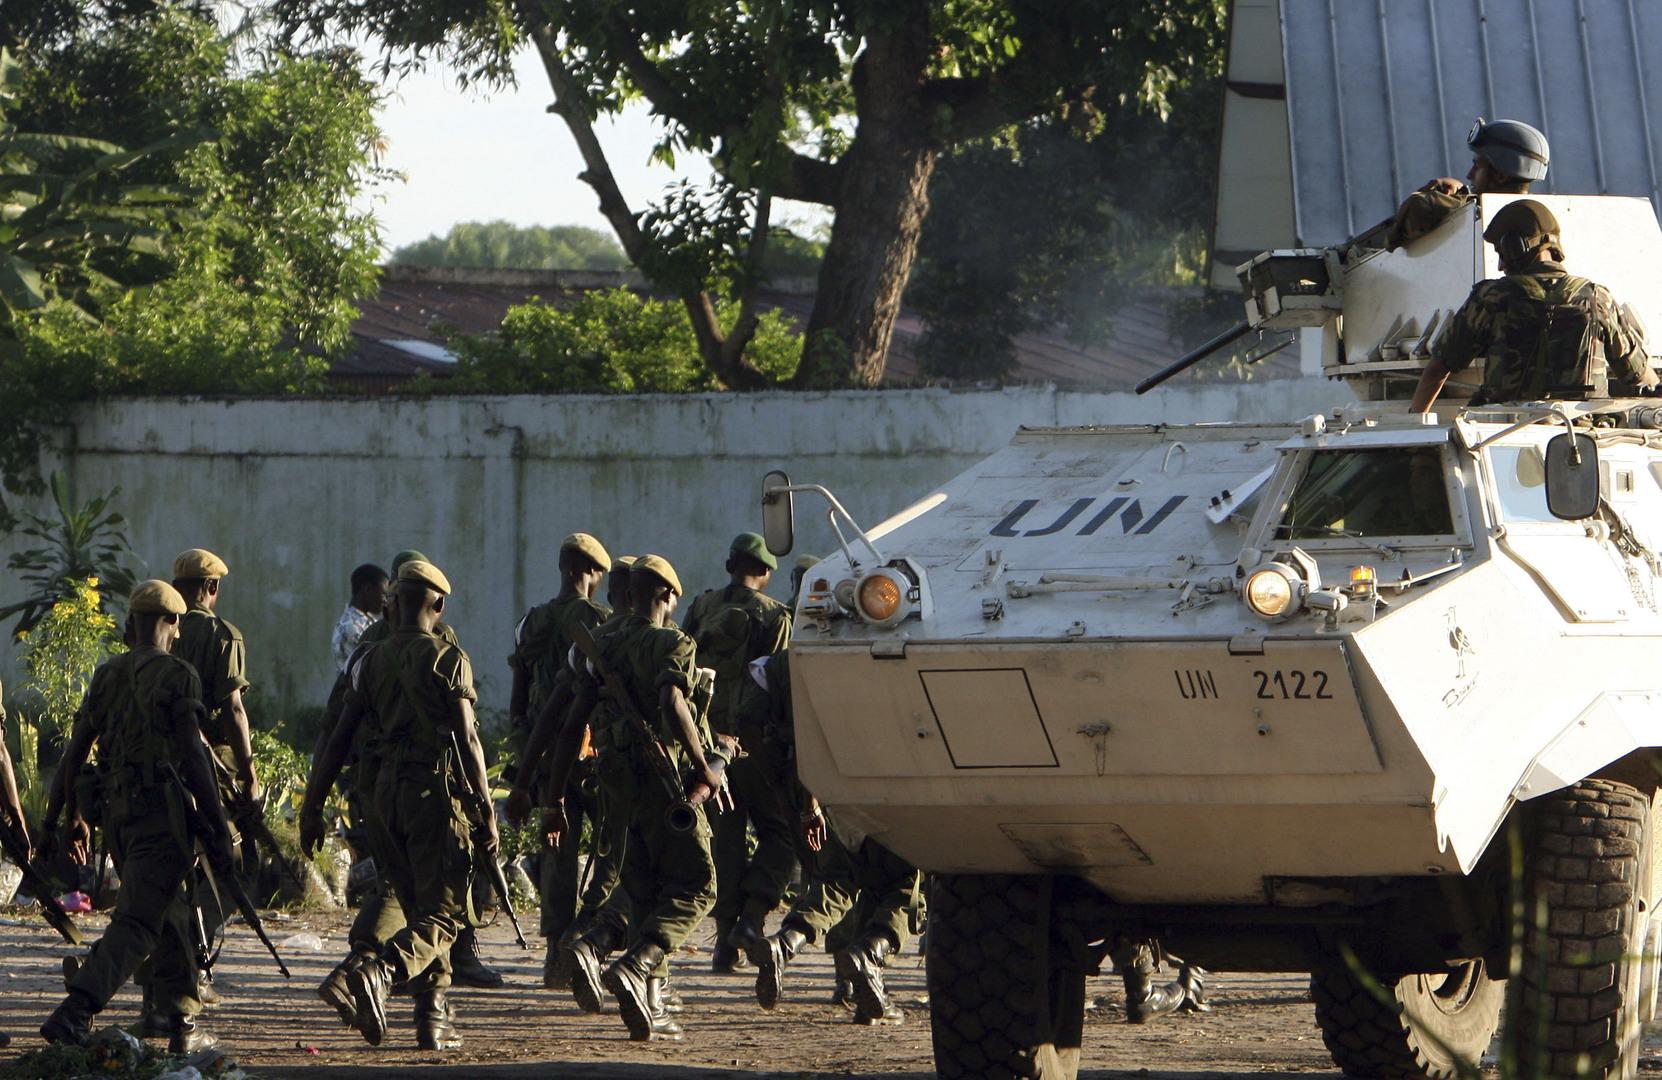 بالصور.. انفجار قنبلة داخل كنيسة كاثوليكية في الكونغو الديمقراطية